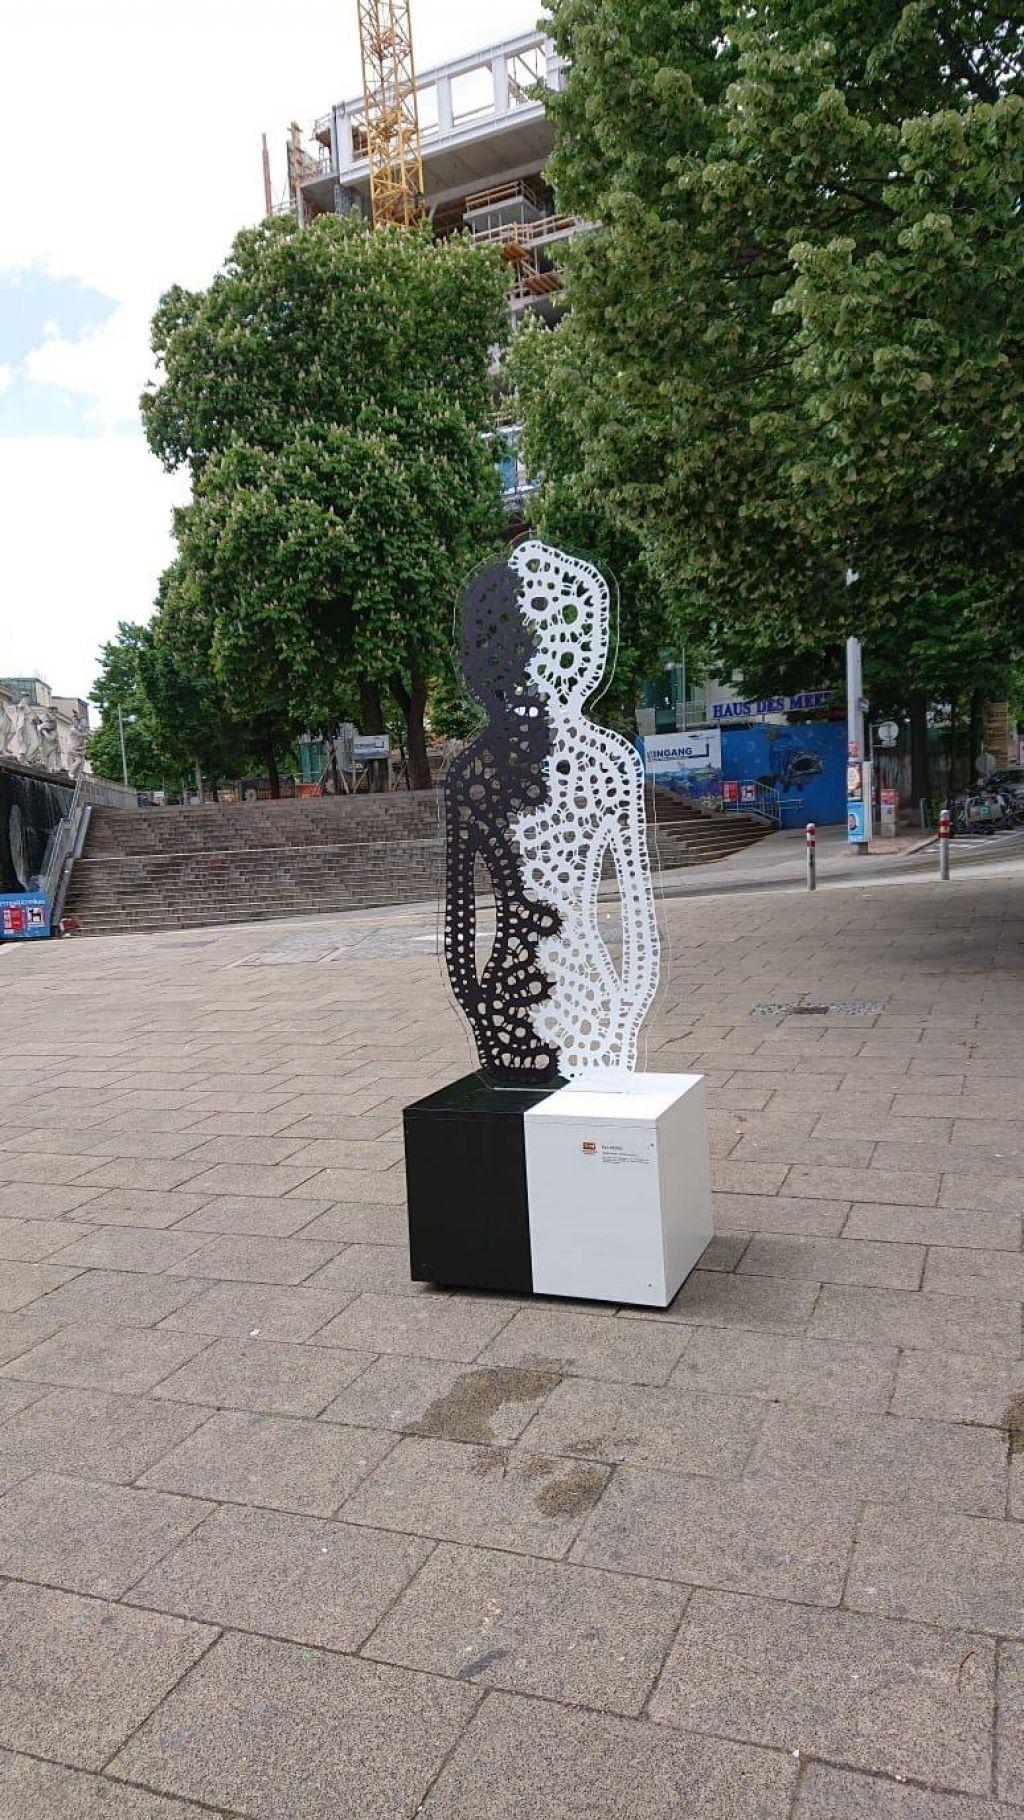 Idrijska lepotica krasi ulico avstrijske prestolnice